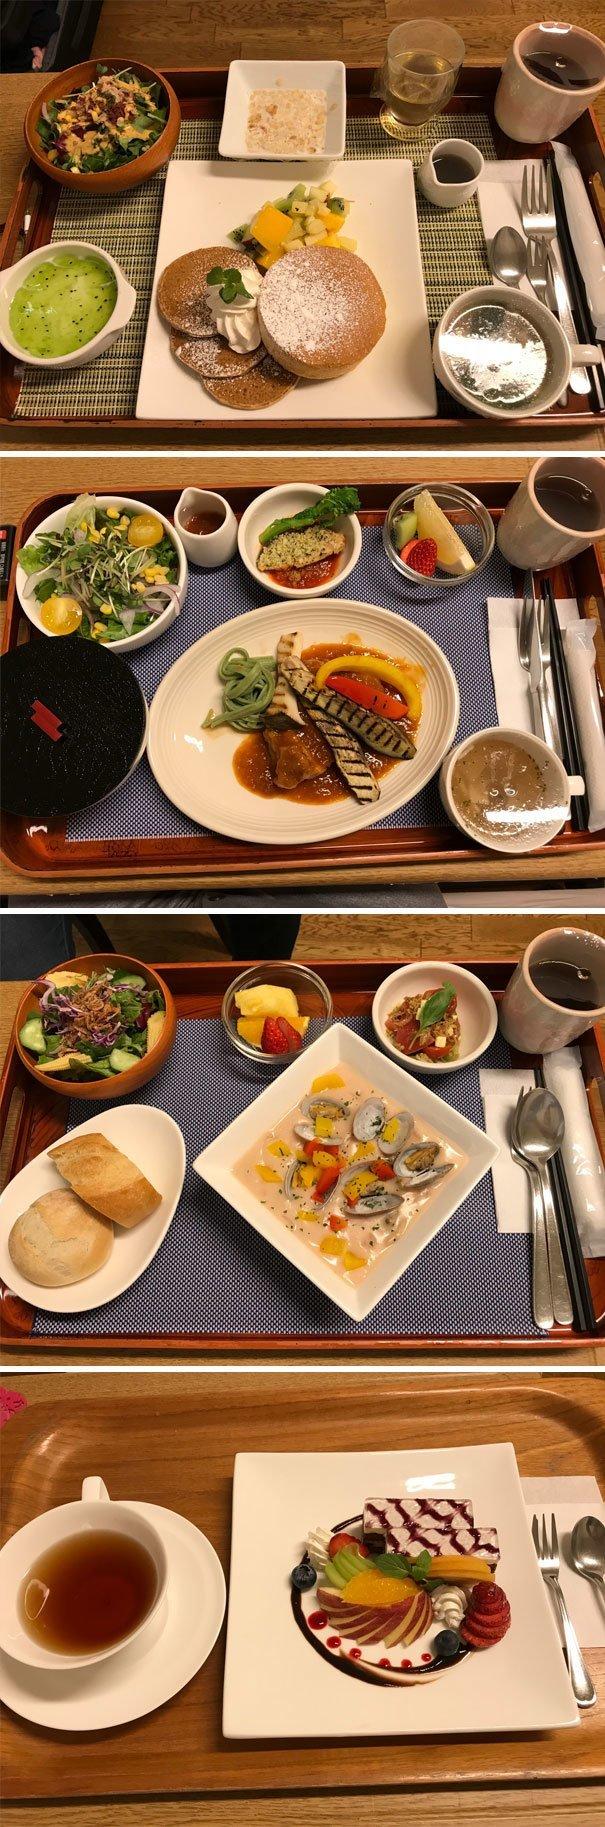 5. Так выглядят обеды в больницах Японии  изобретение, инновация, мир, путешествие, факты, фото, япония